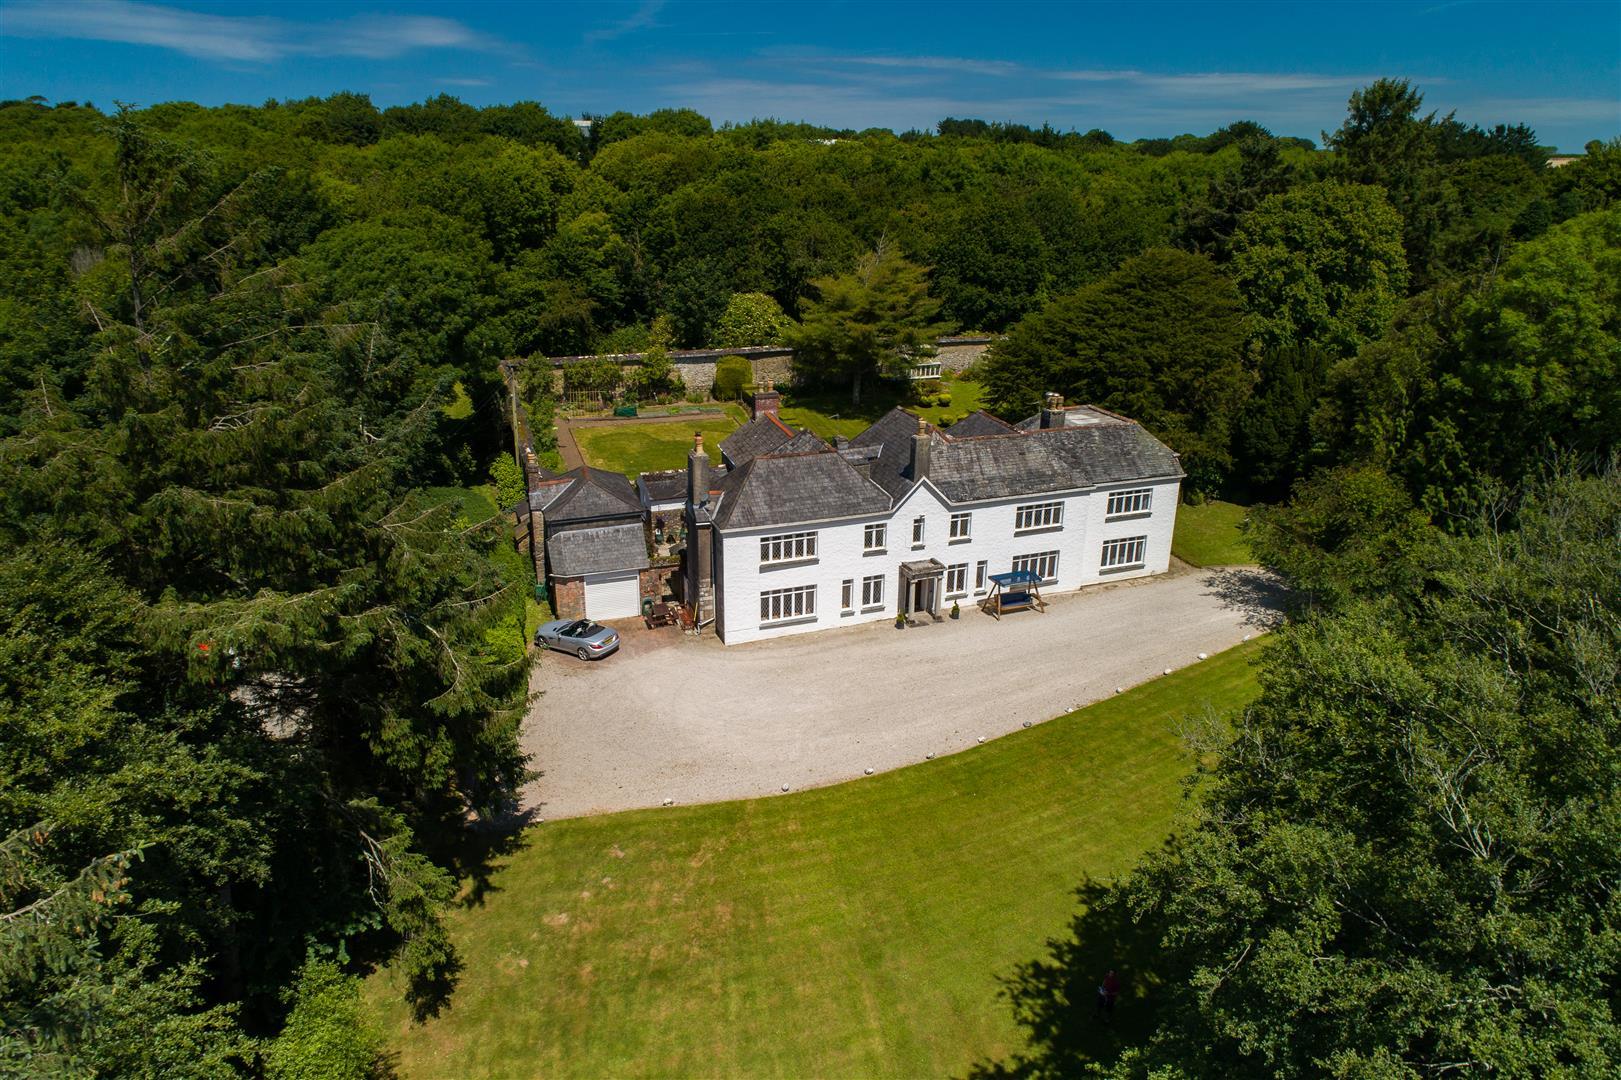 Trekenning Manor House